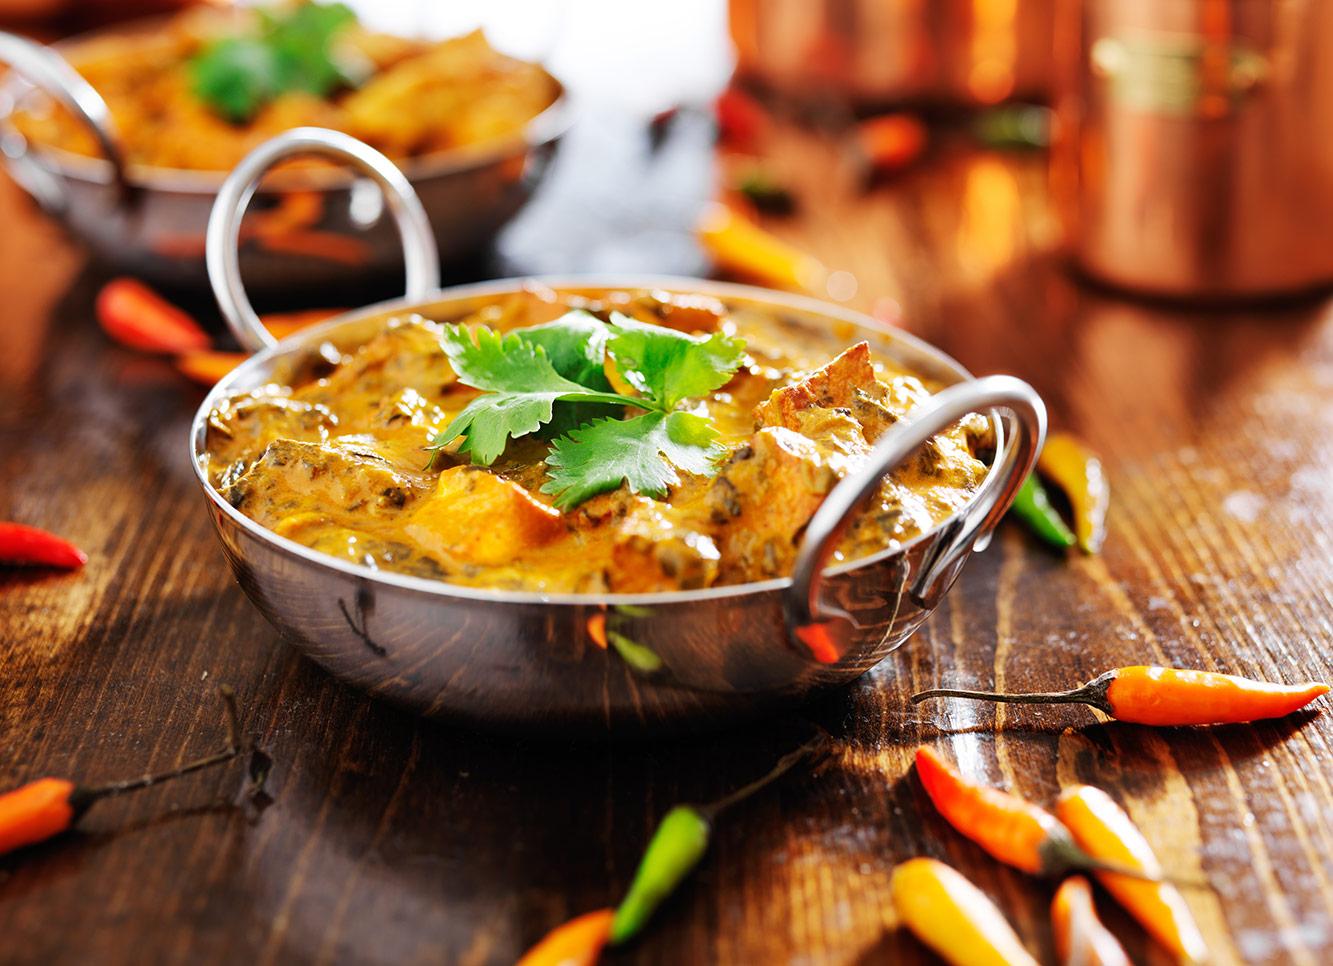 Takeaway curry2 newtown tandoori & alamin fast food sy16